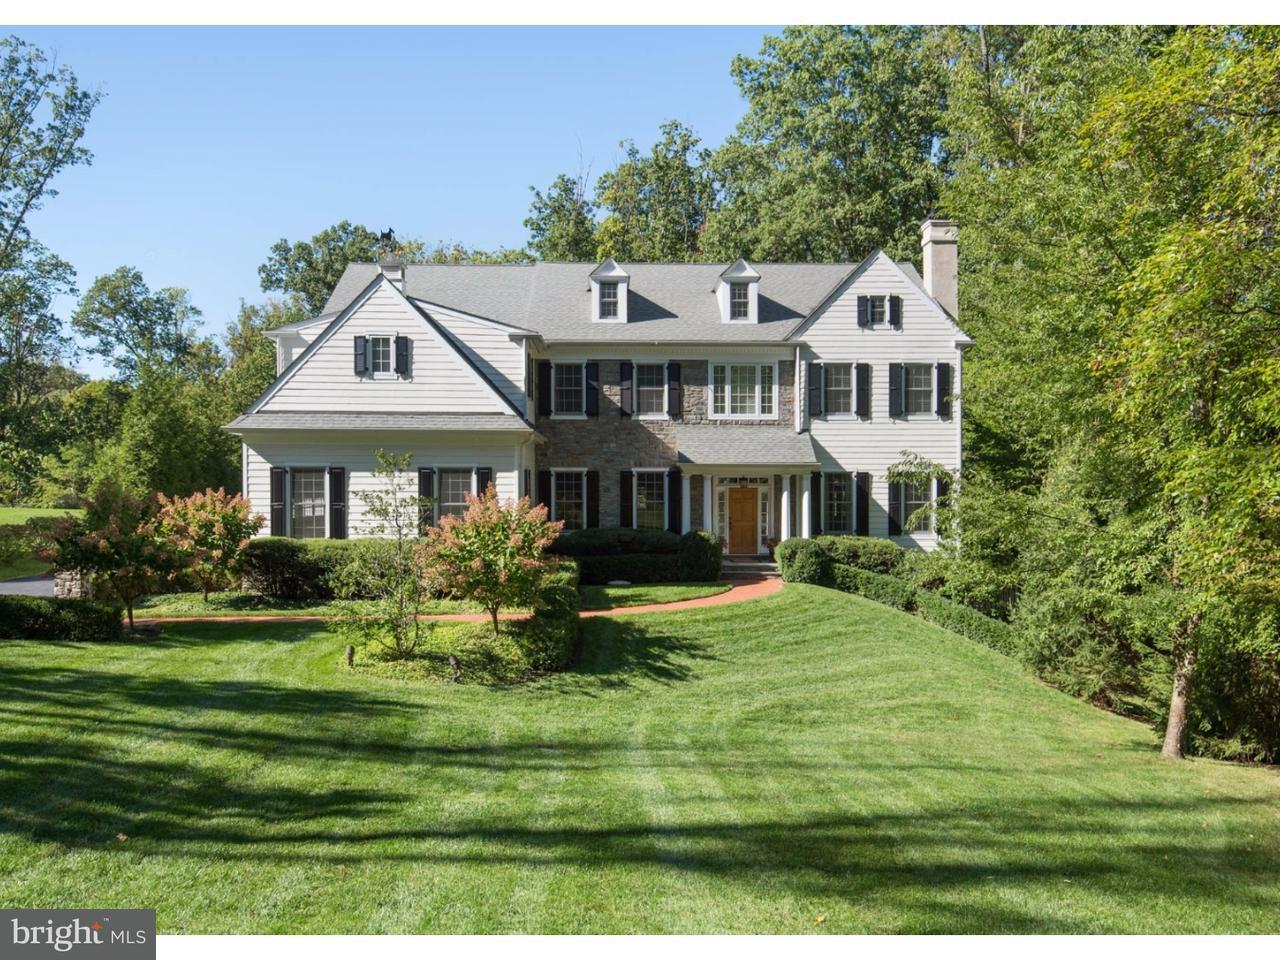 Частный односемейный дом для того Продажа на 1633 MAPLE Avenue Tredyffrin, Пенсильвания 19301 Соединенные Штаты